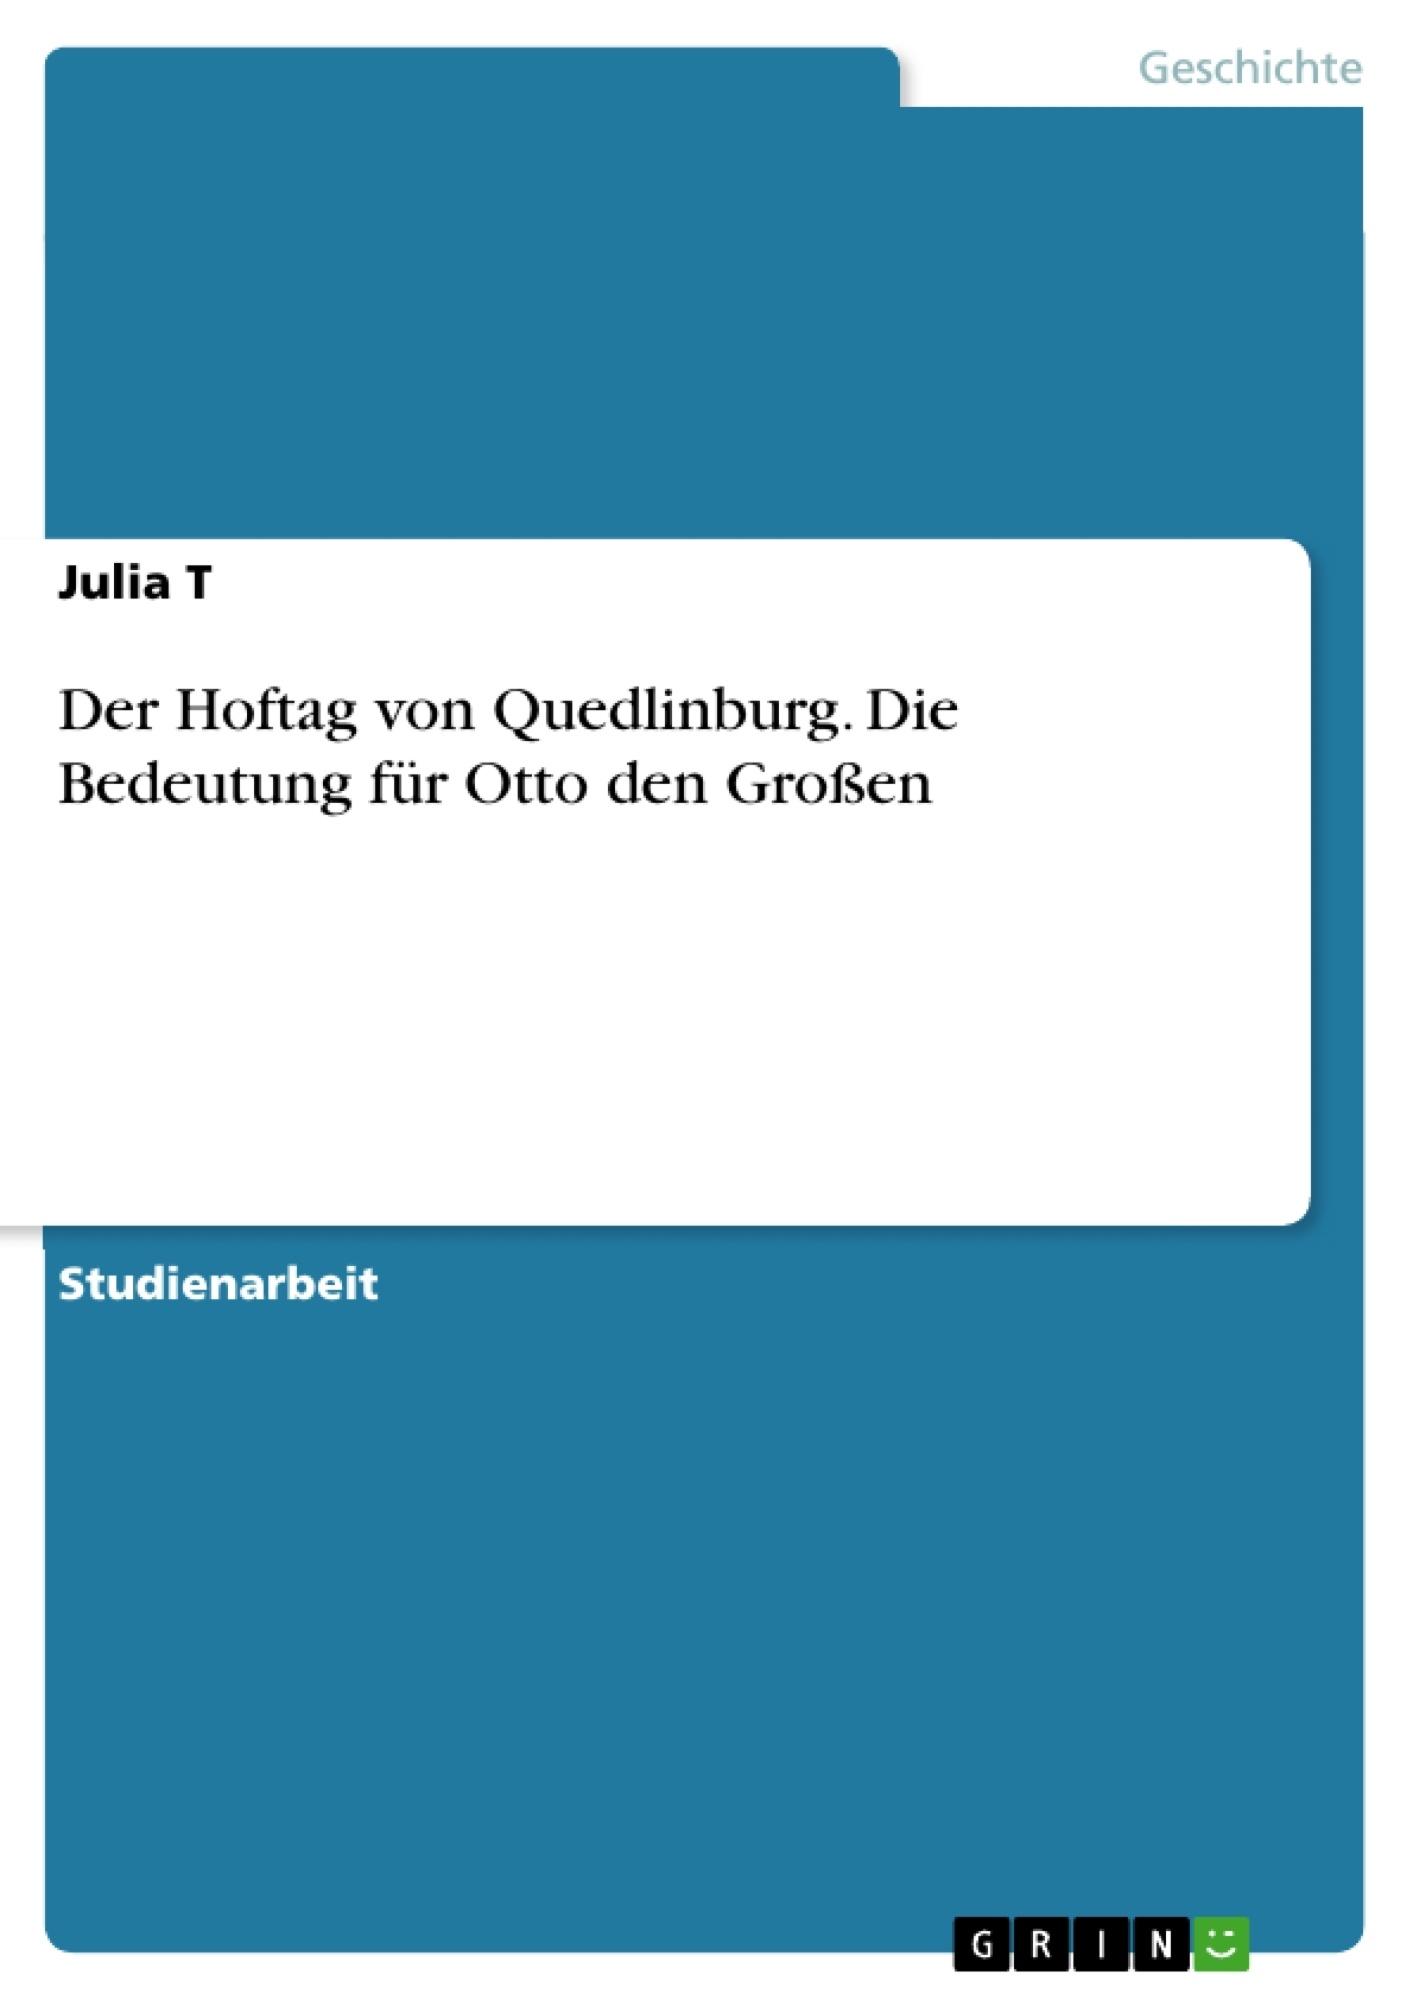 Titel: Der Hoftag von Quedlinburg. Die Bedeutung für Otto den Großen